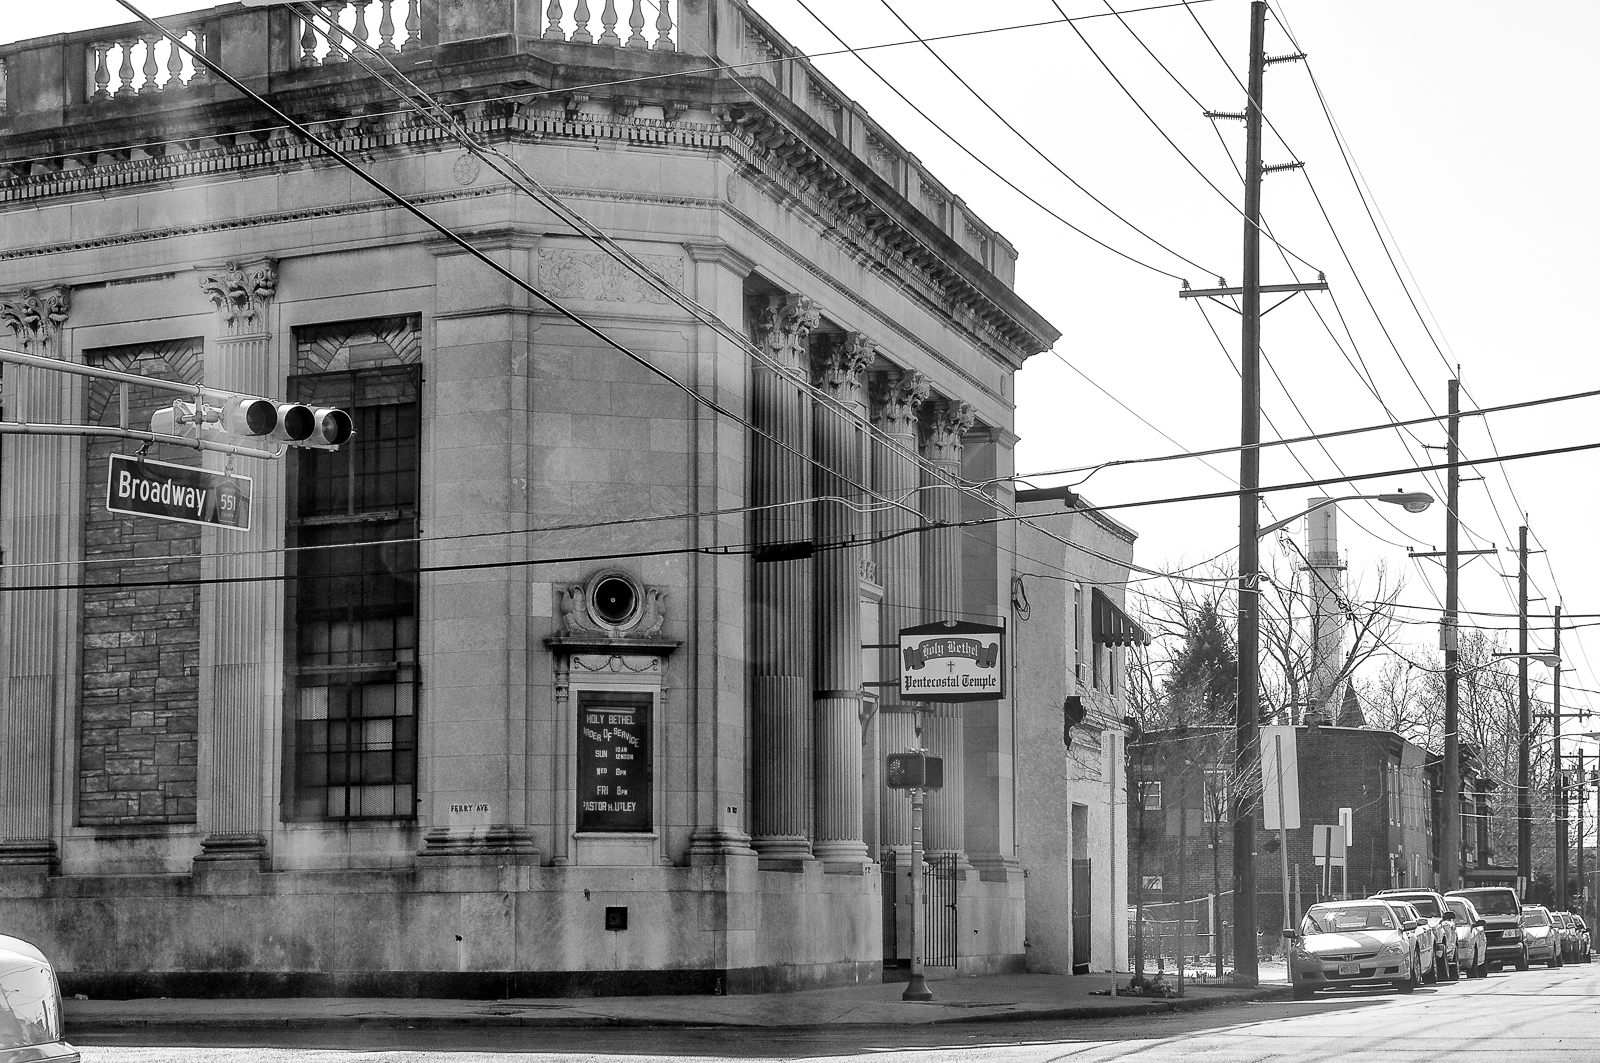 Canden Bank 1 Photograph